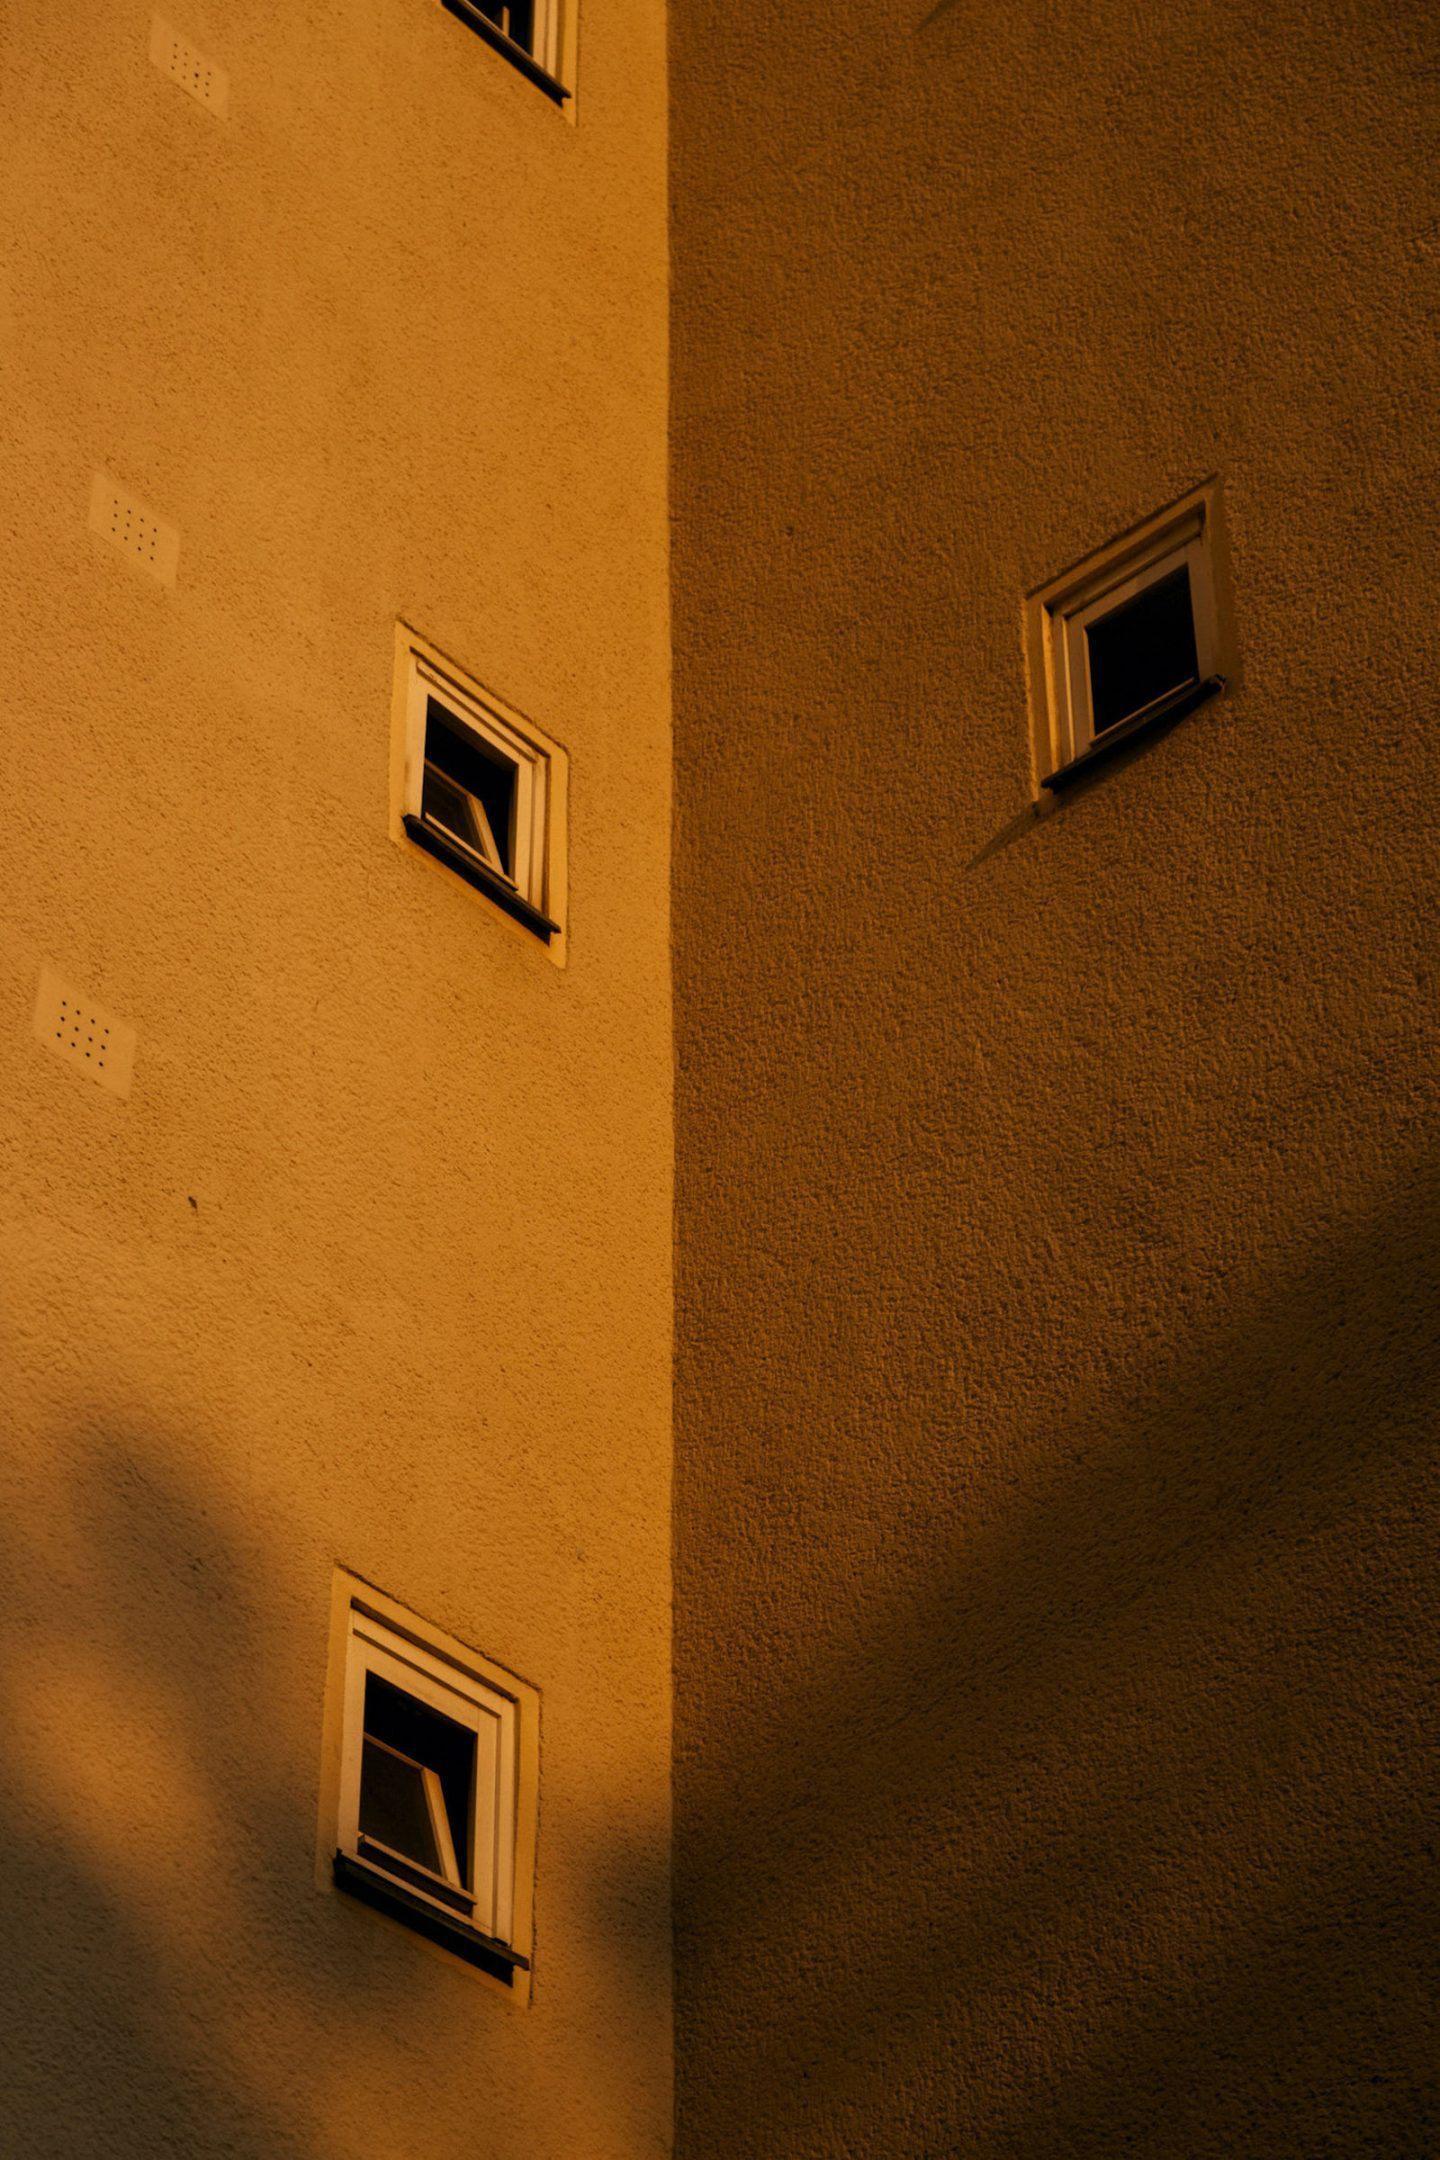 IGNANT-Photography-Corinna-Hopmann-005